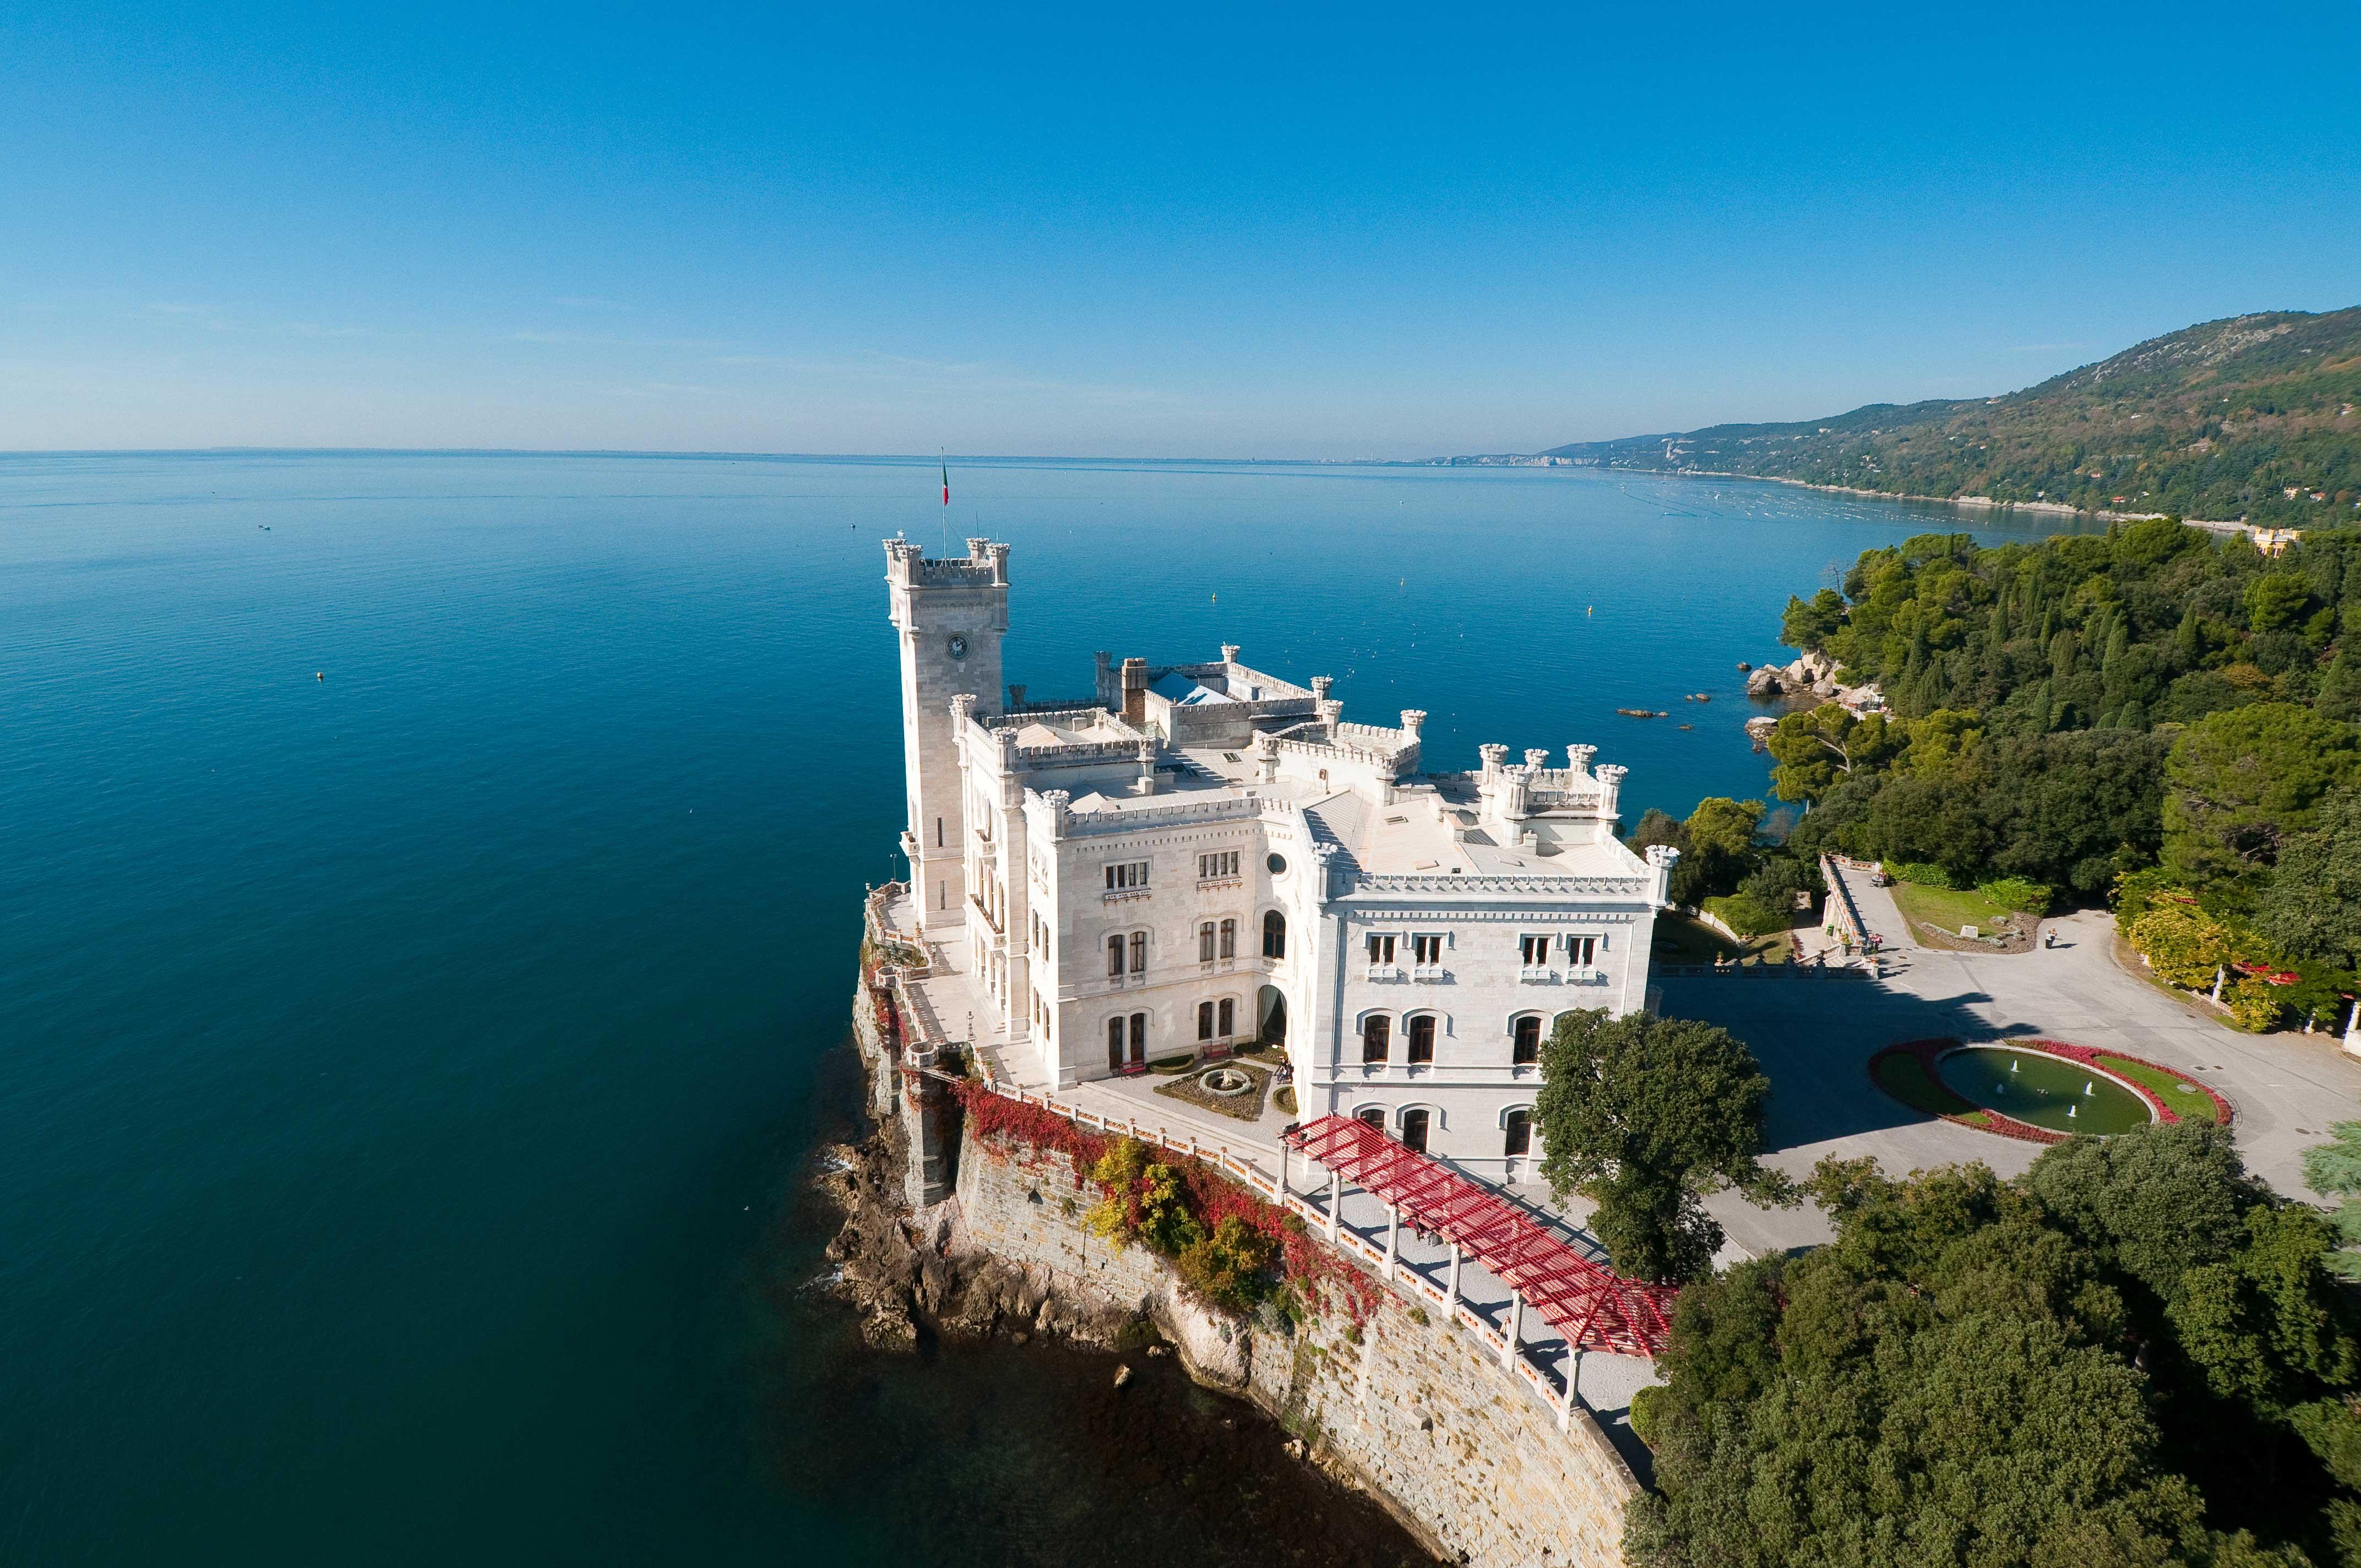 In Friuli Venezia Giulia, tra dimore storiche e castelli